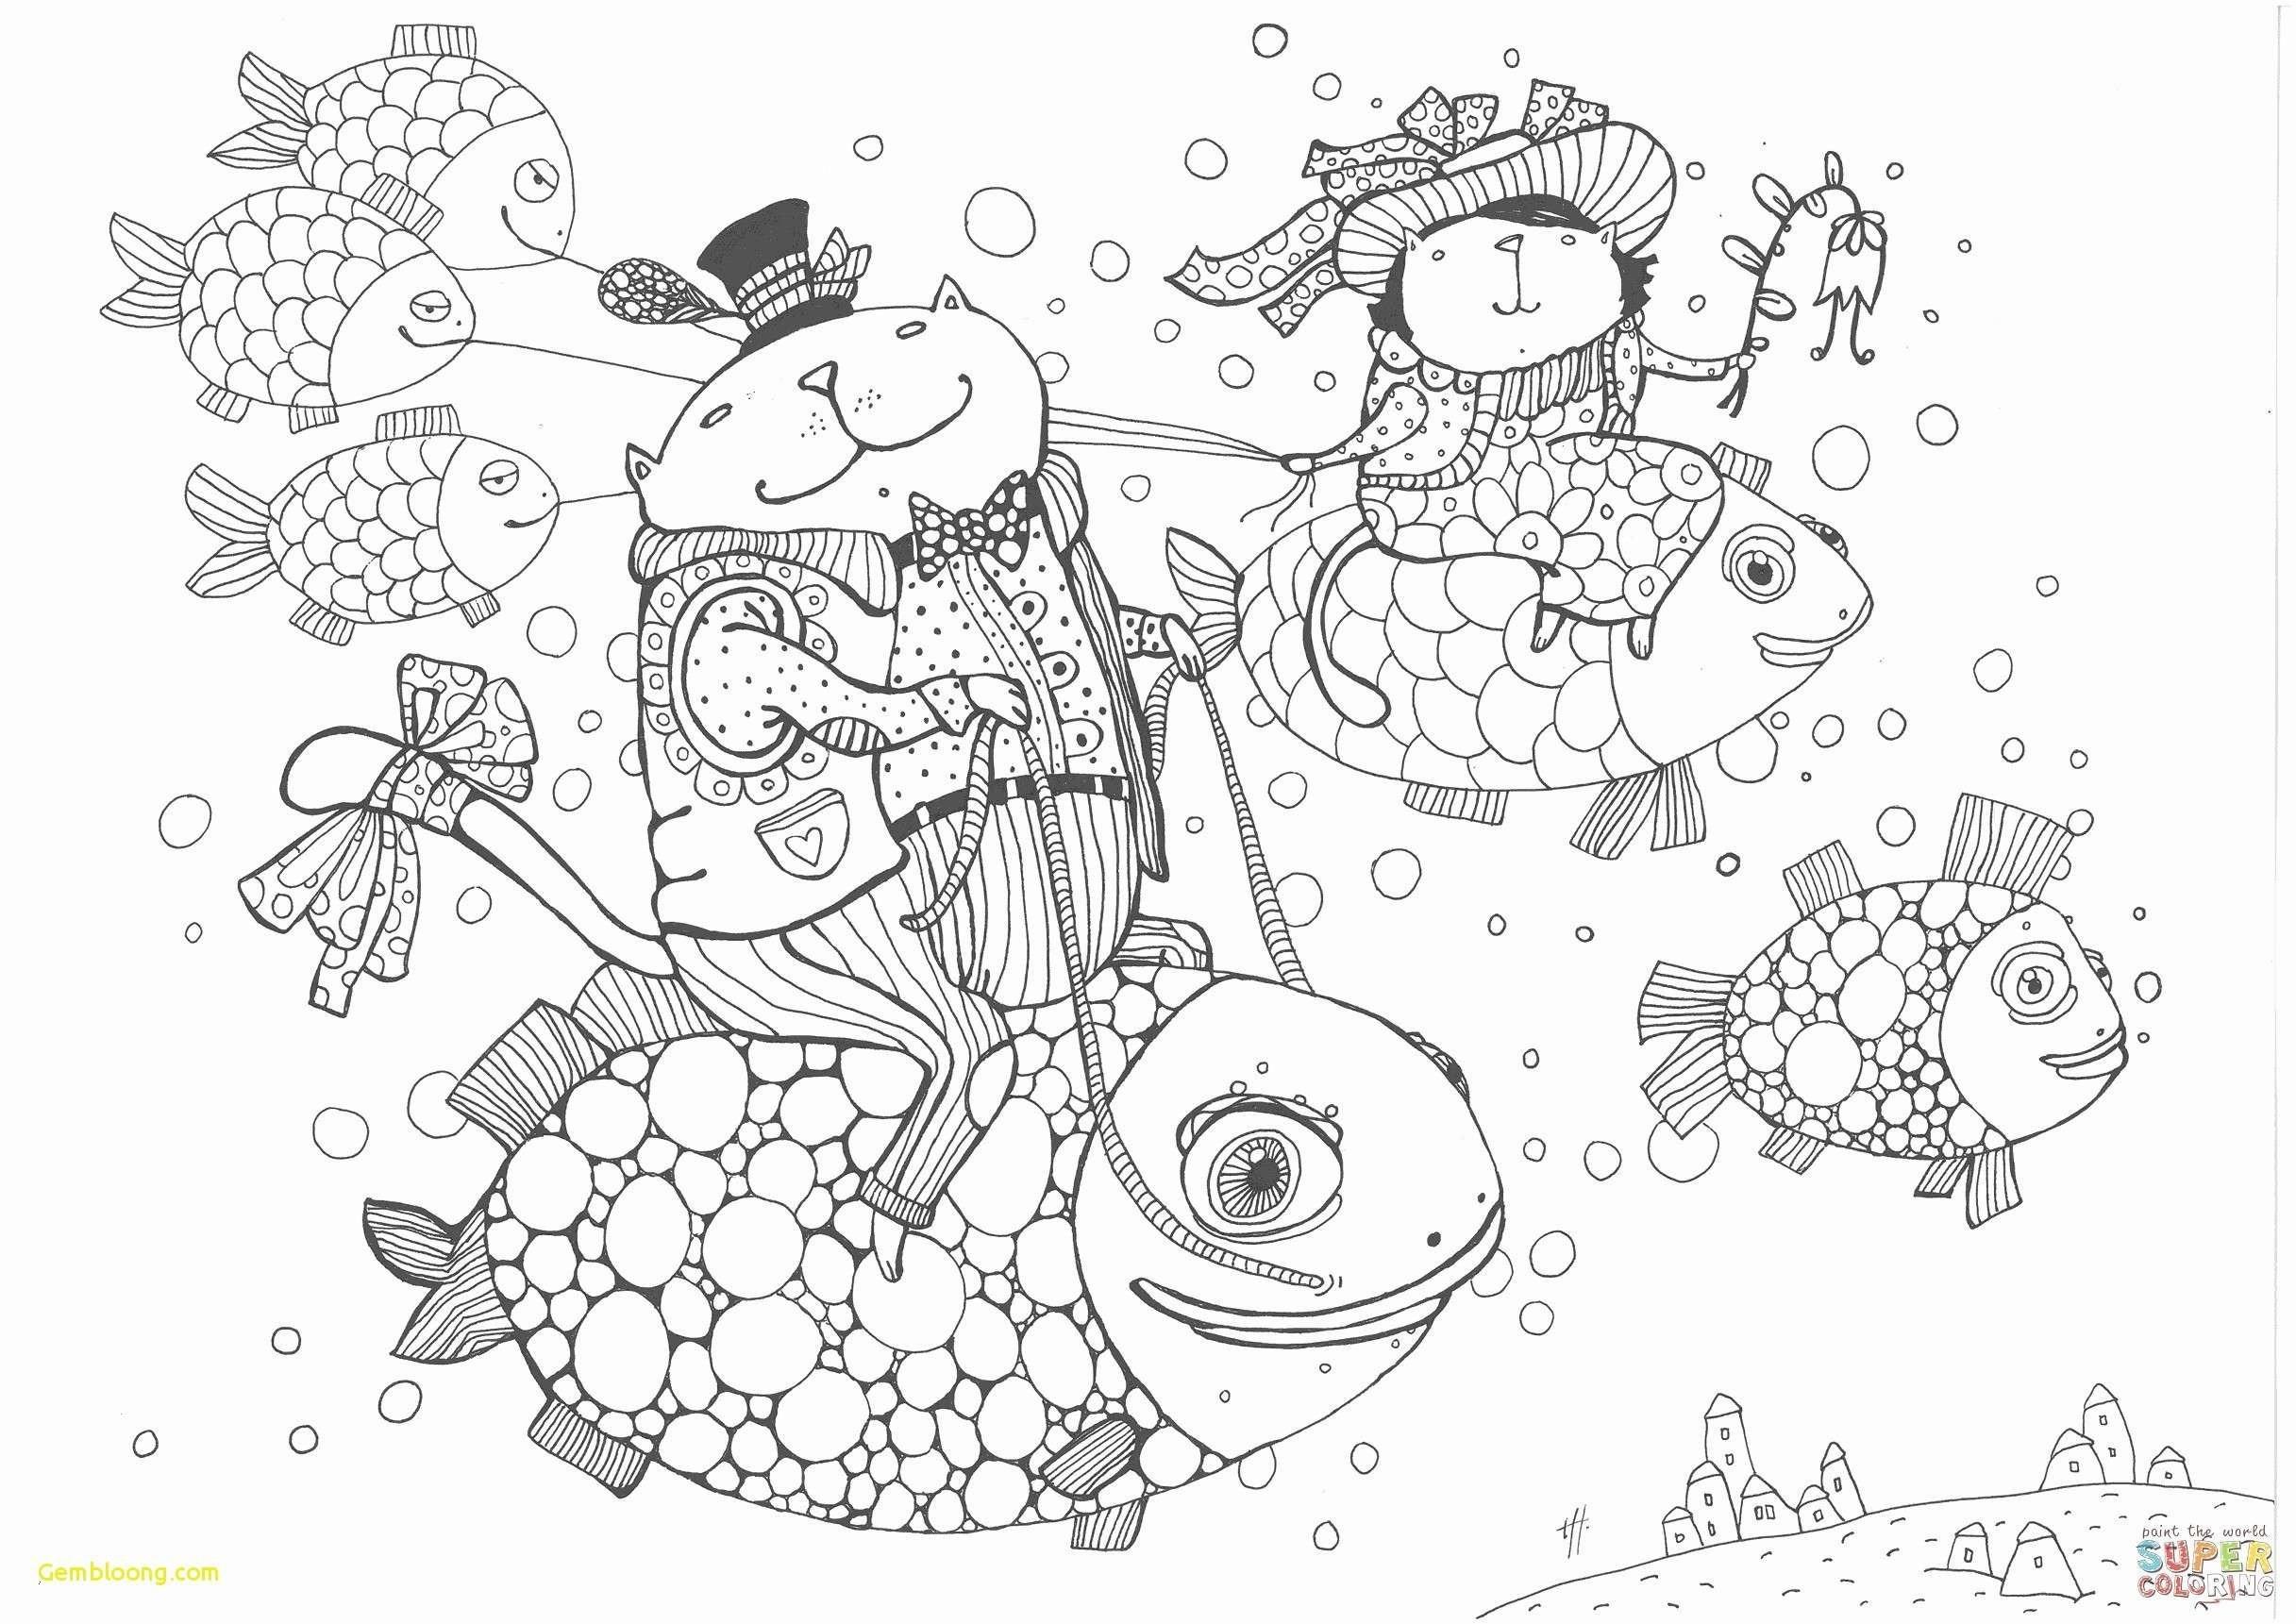 Kinder Schwimmen Ausmalbild Das Beste Von Malvorlagen Nikolaus Elegant 35 Ausmalbilder Zum Ausdrucken Fotos